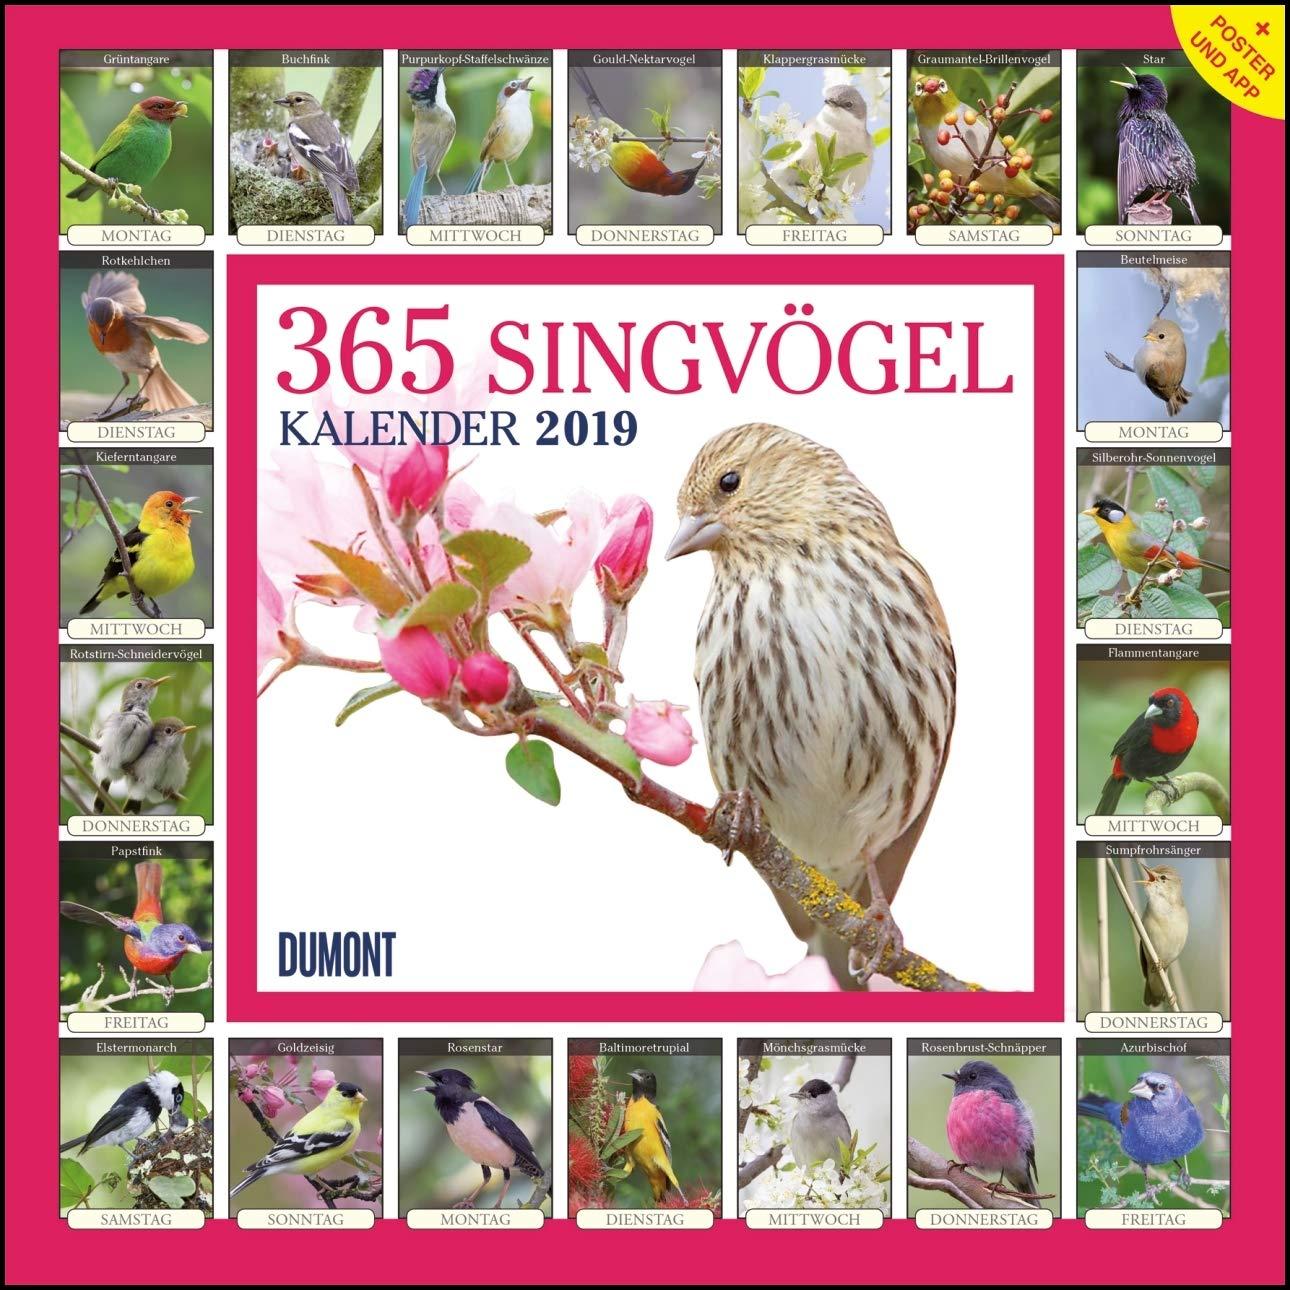 365-singvgel-2019-broschrenkalender-wandkalender-mit-poster-und-sound-app-format-30-x-30-cm